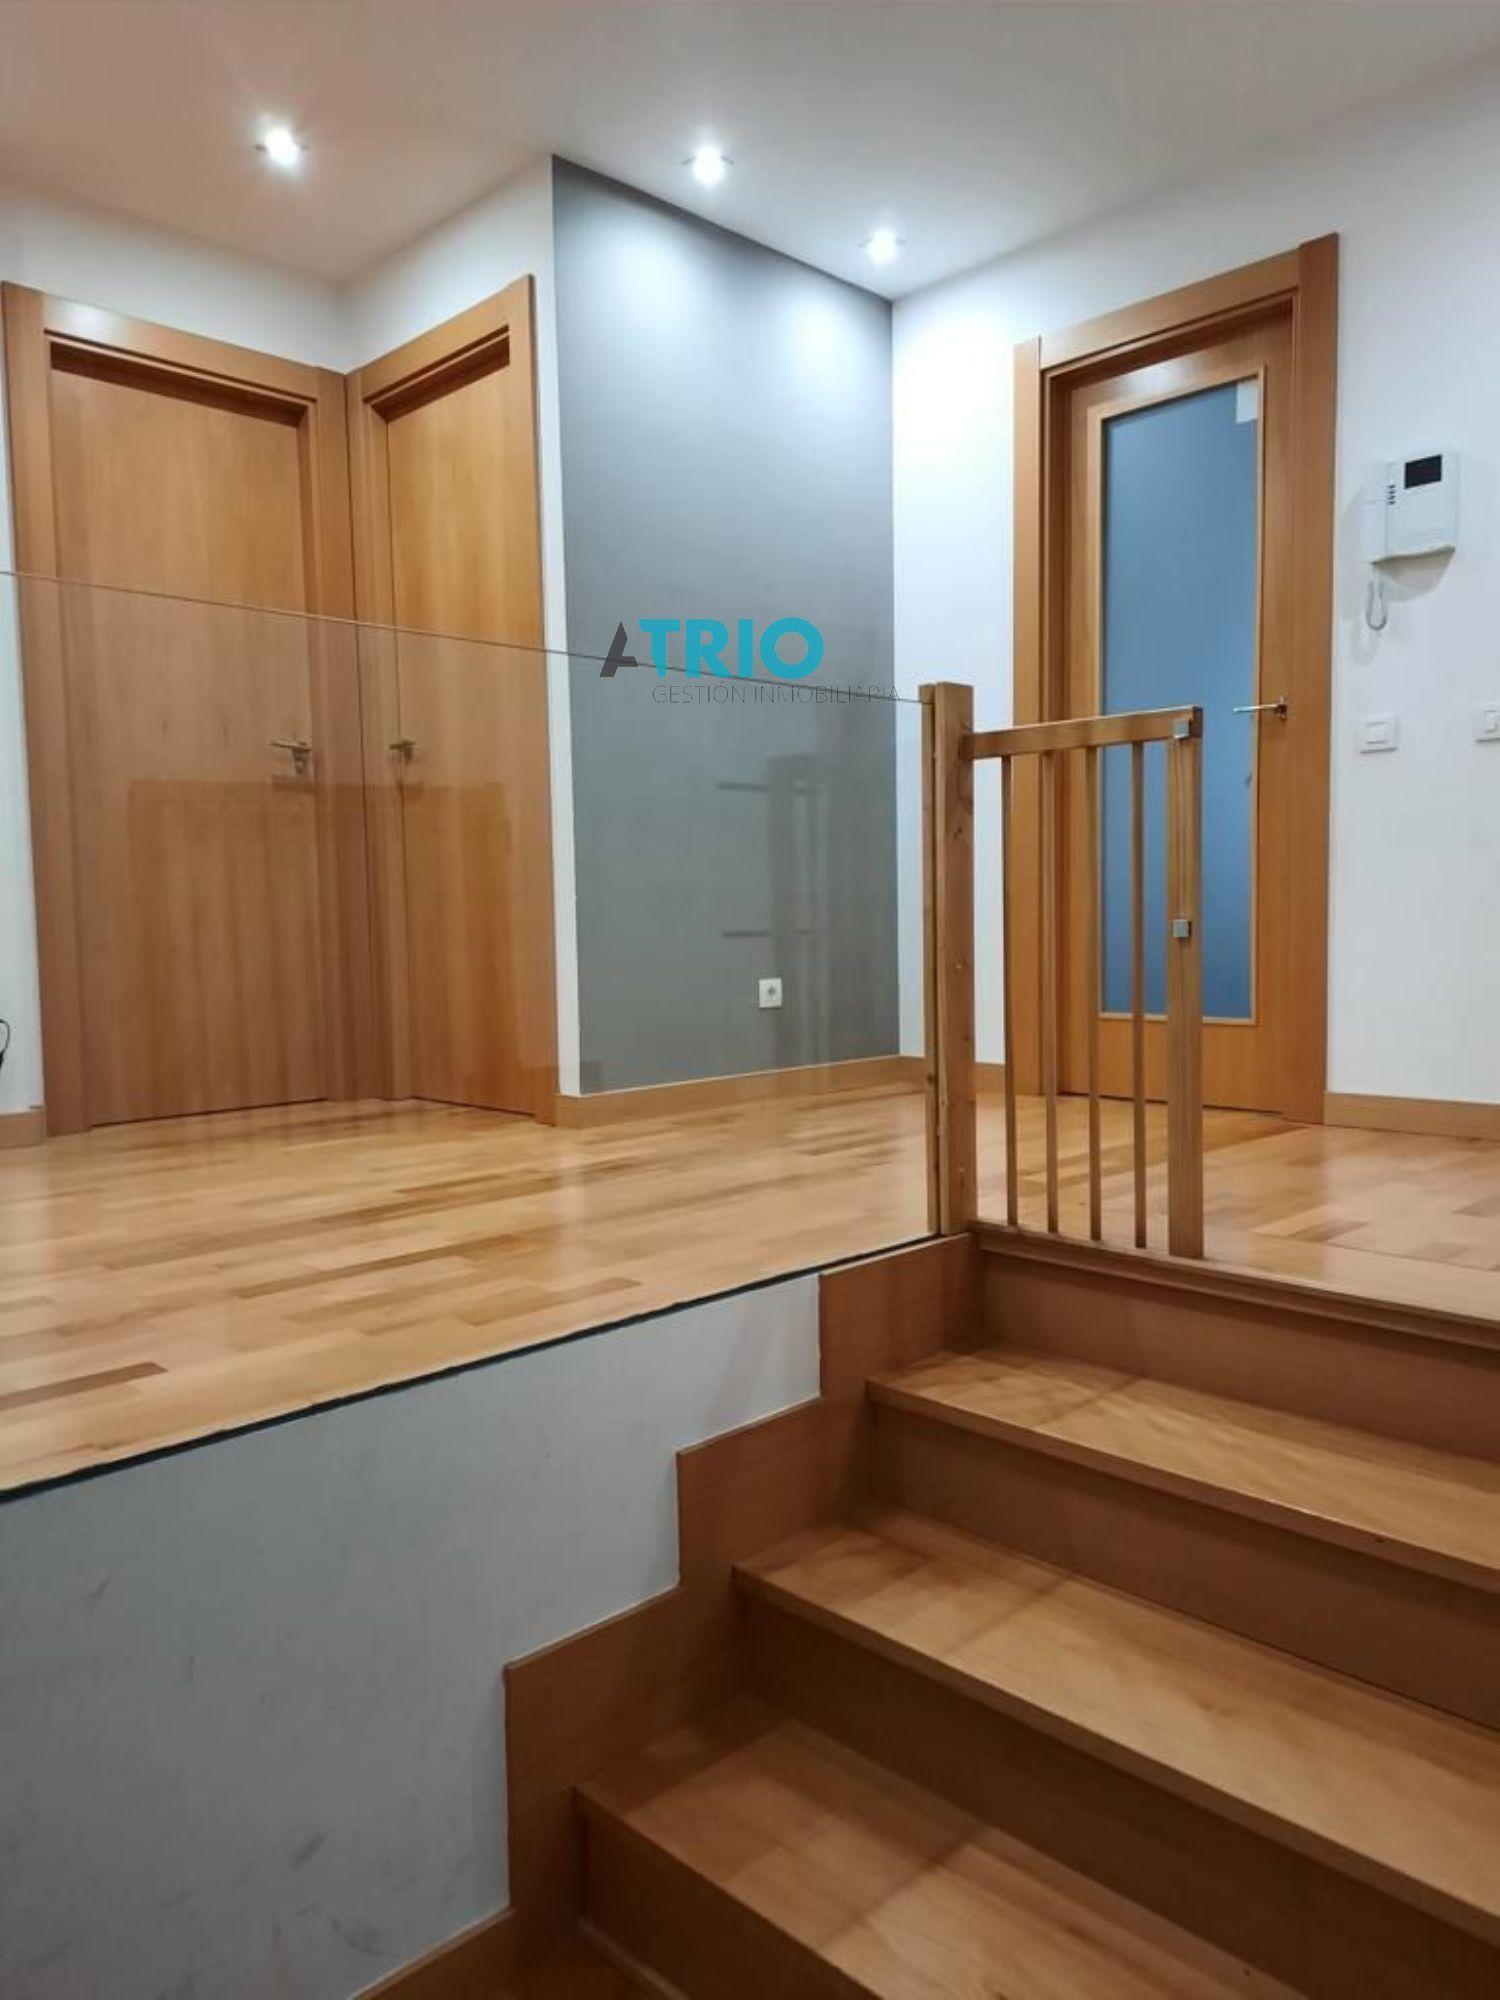 dia.mobiliagestion.es/Portals/inmoatrio/Images/7050/5393927